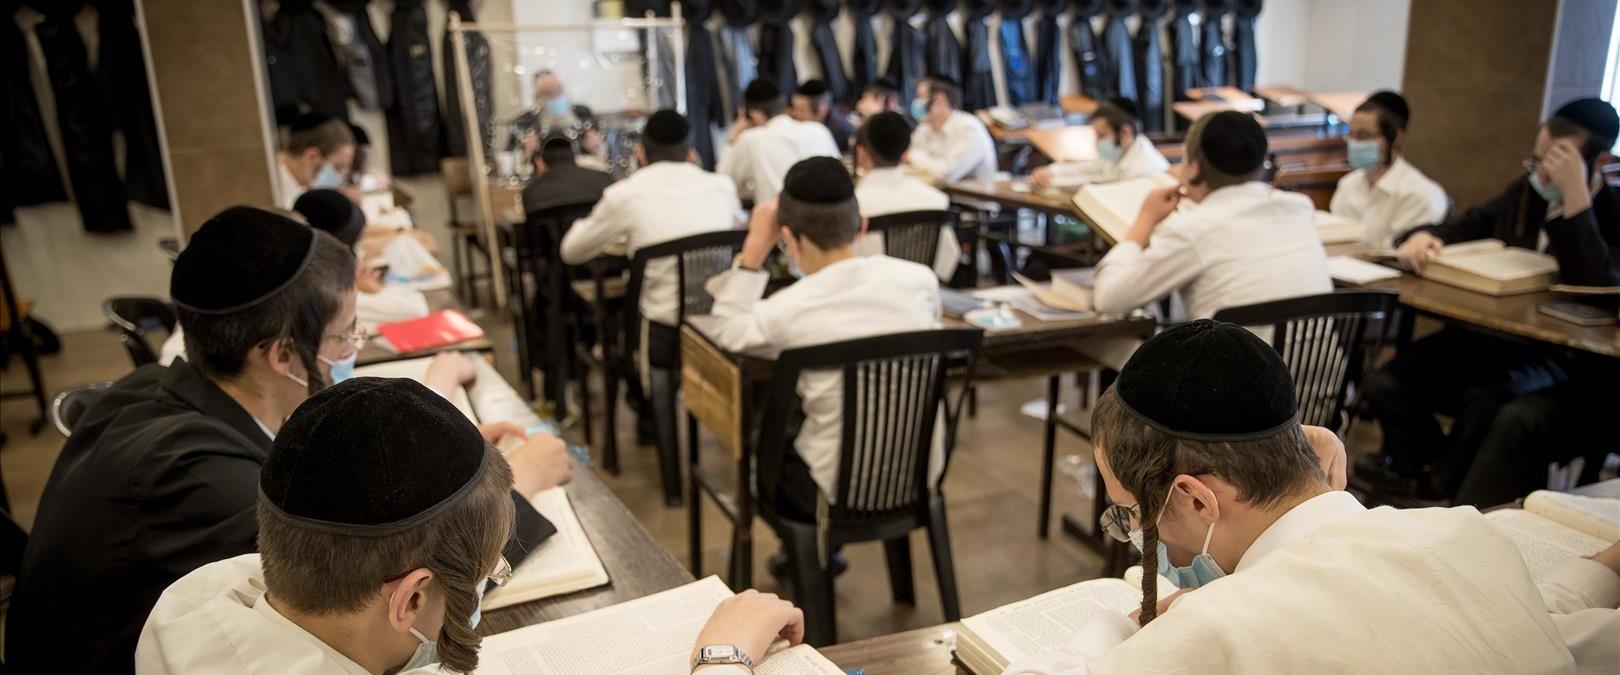 חרדים לומדים בישיבה בירושלים